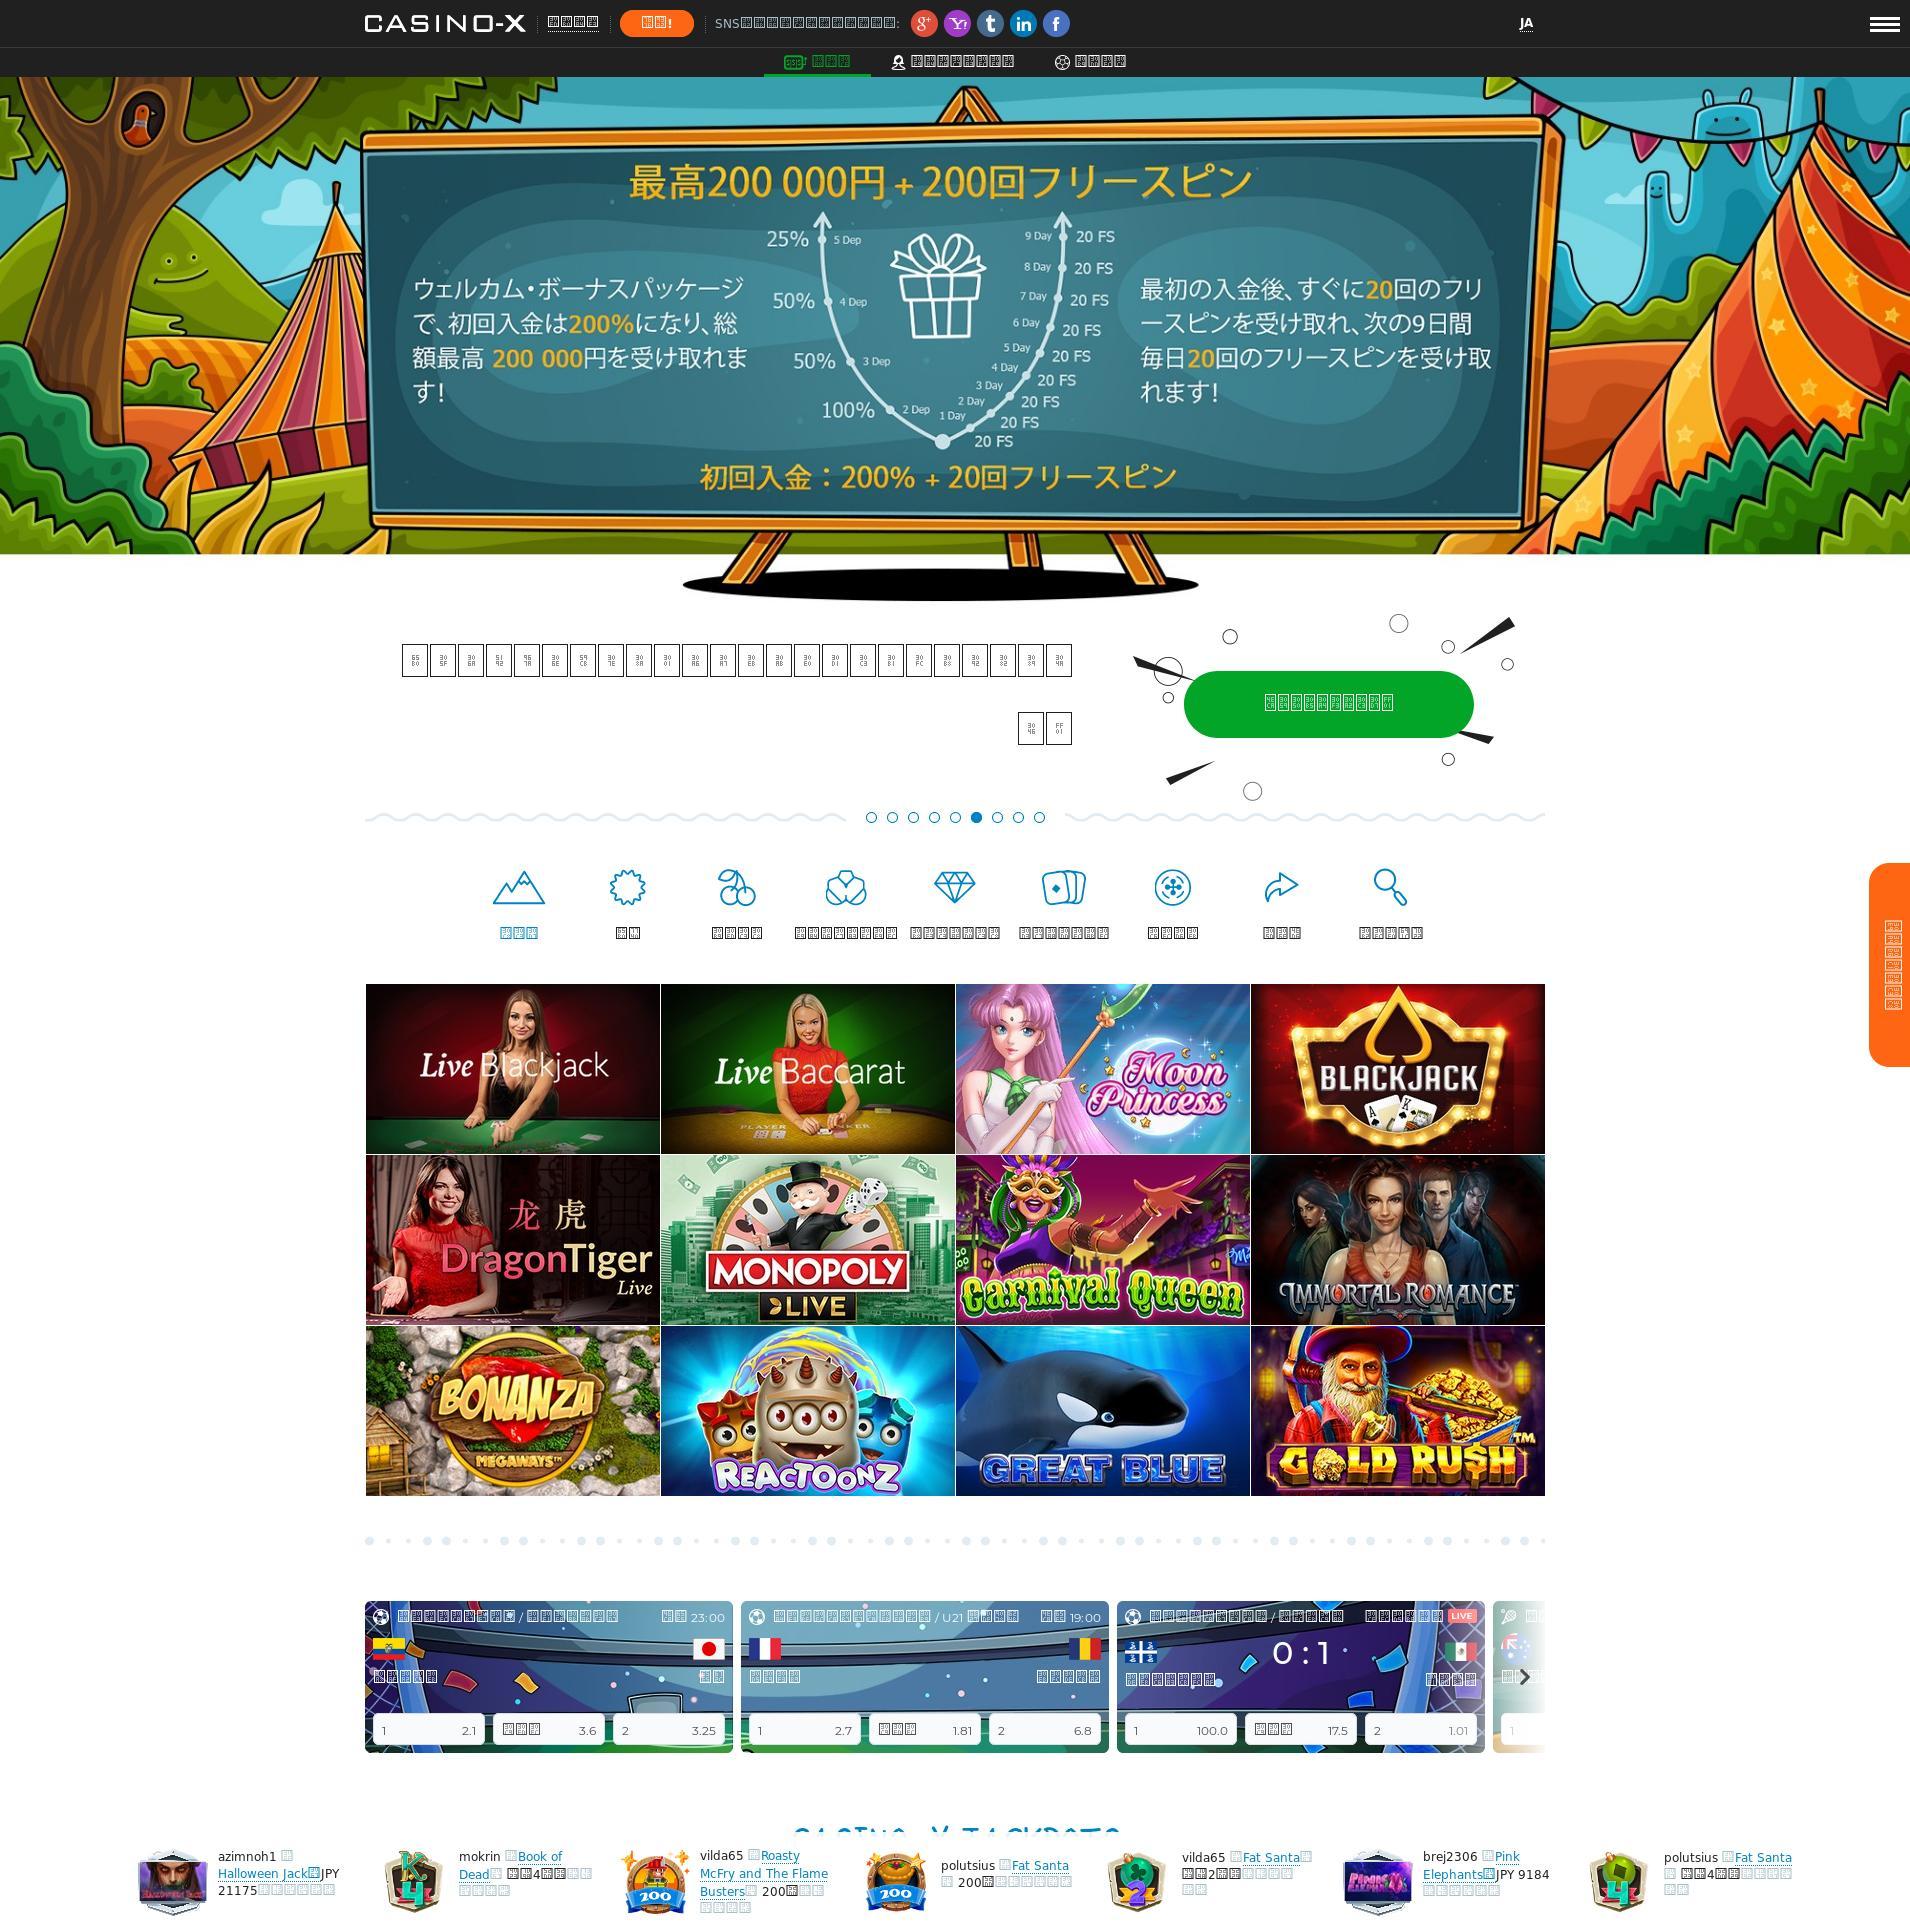 カジノのスクリーン Lobby 2019-06-24 ために 日本